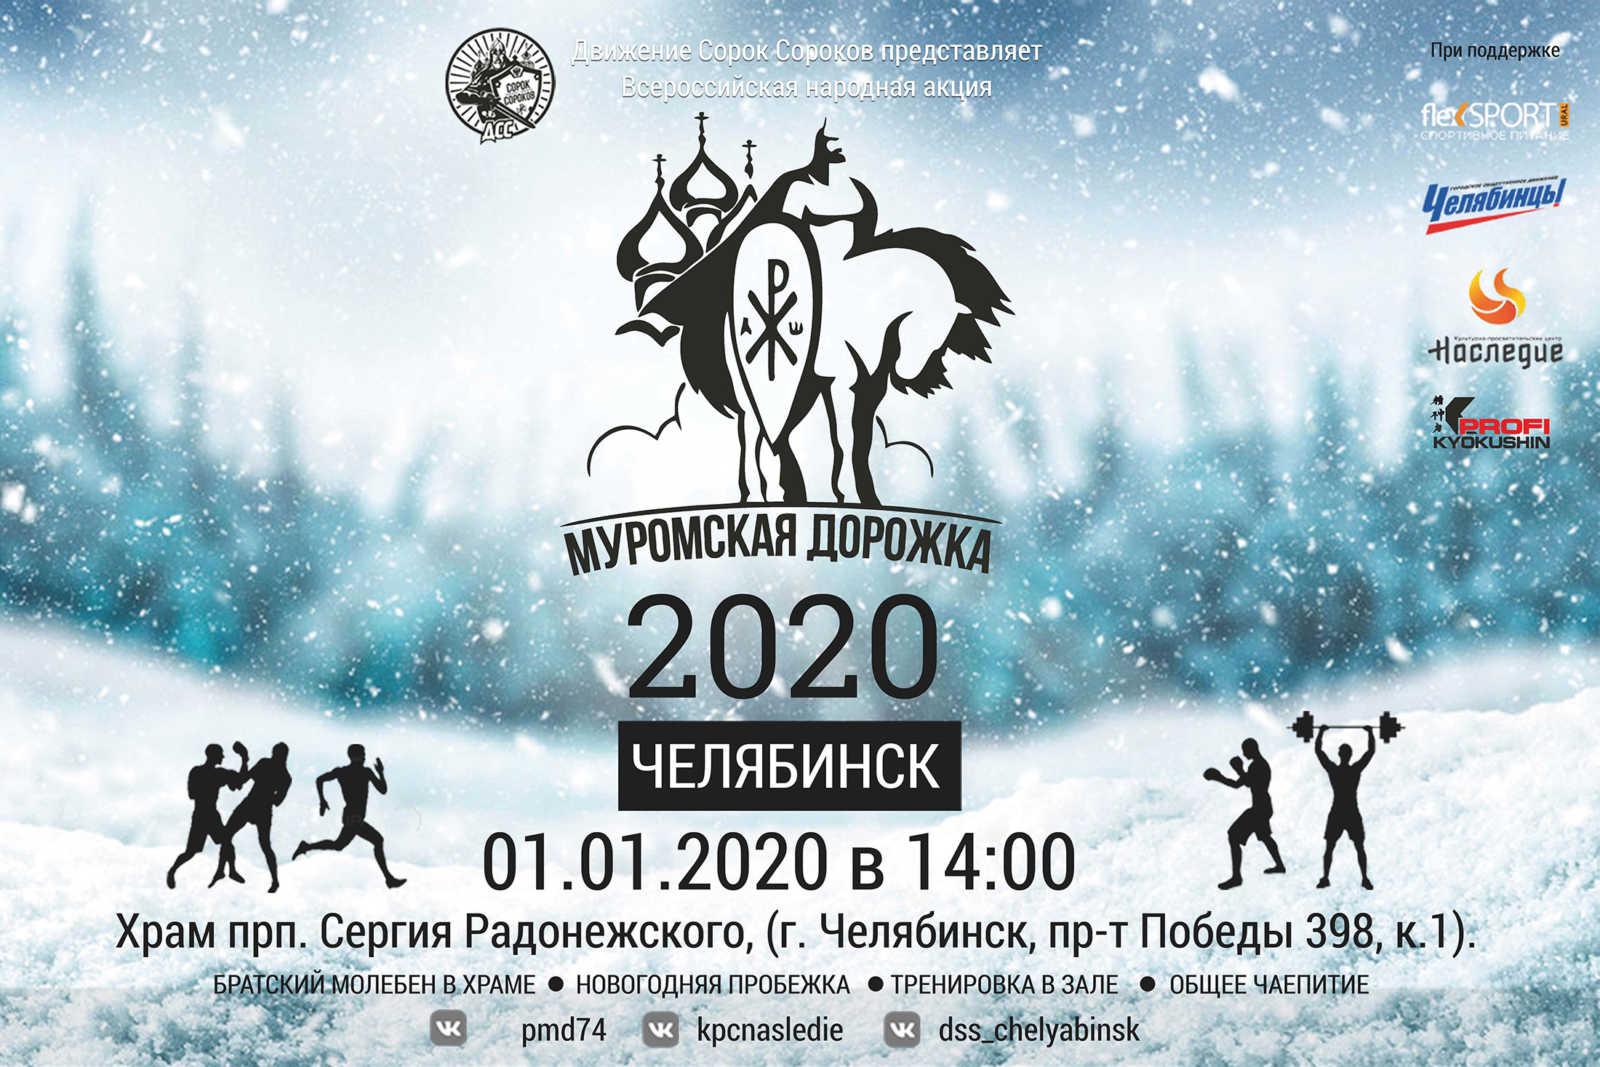 Муромская дорожка 2020, Челябинск